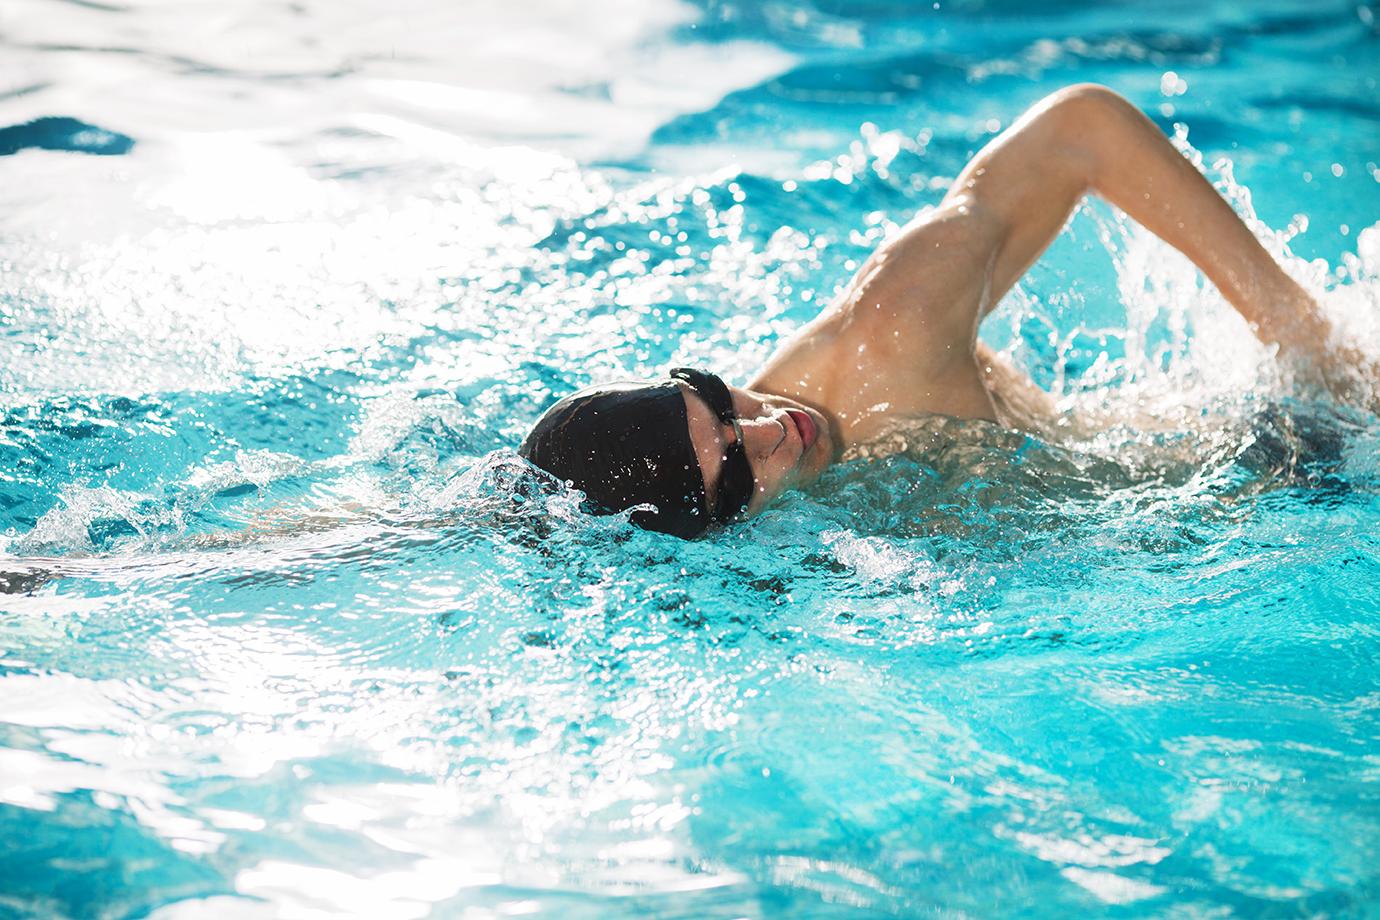 The Ultimate in Swimwear is Body Glove Swimwear